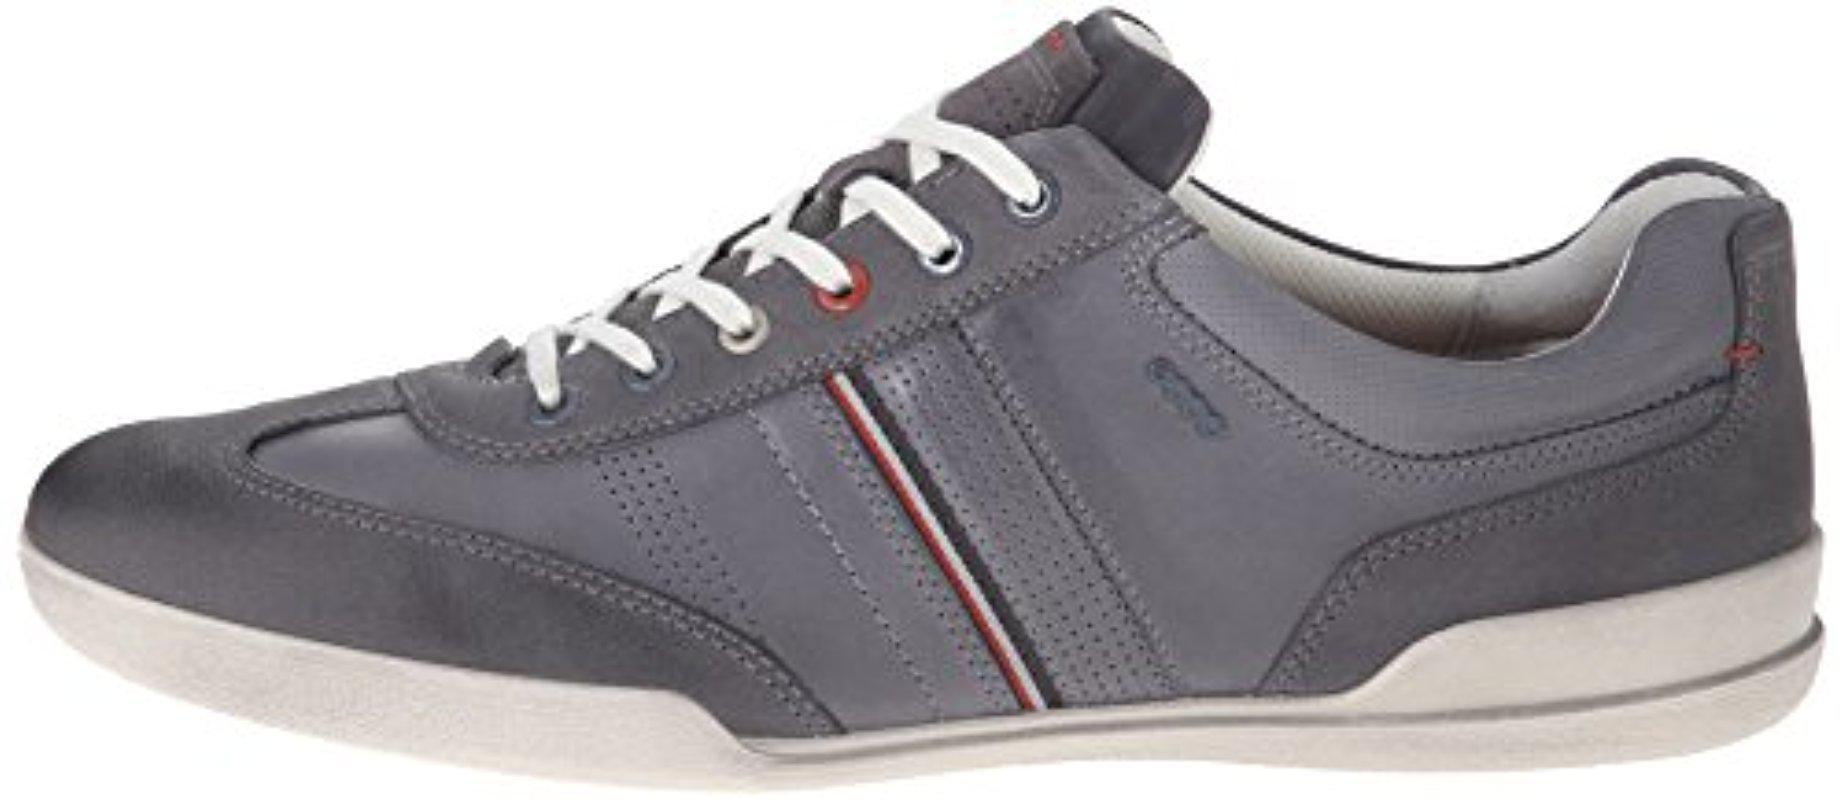 Ecco Suede Enrico Retro Oxford Shoe for